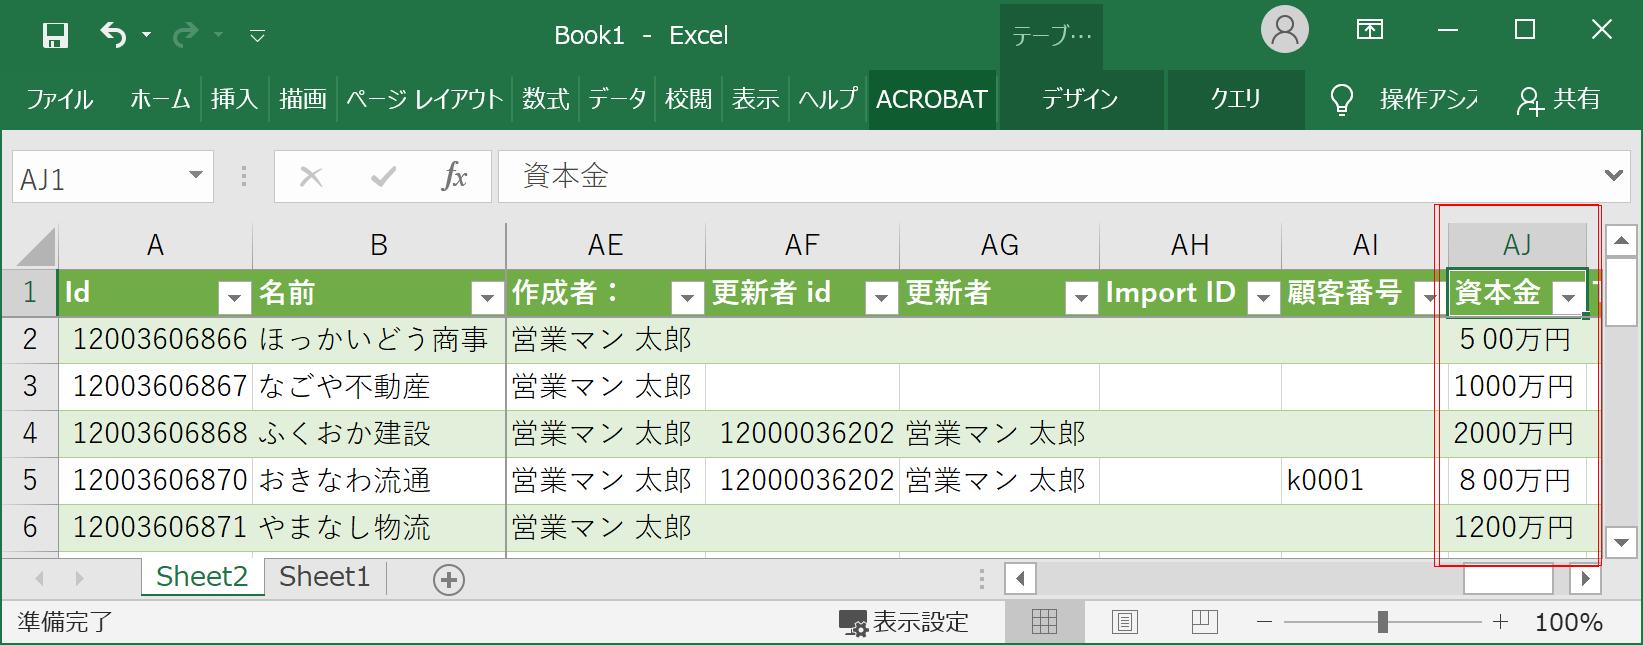 エクセルファイルにデータ追加